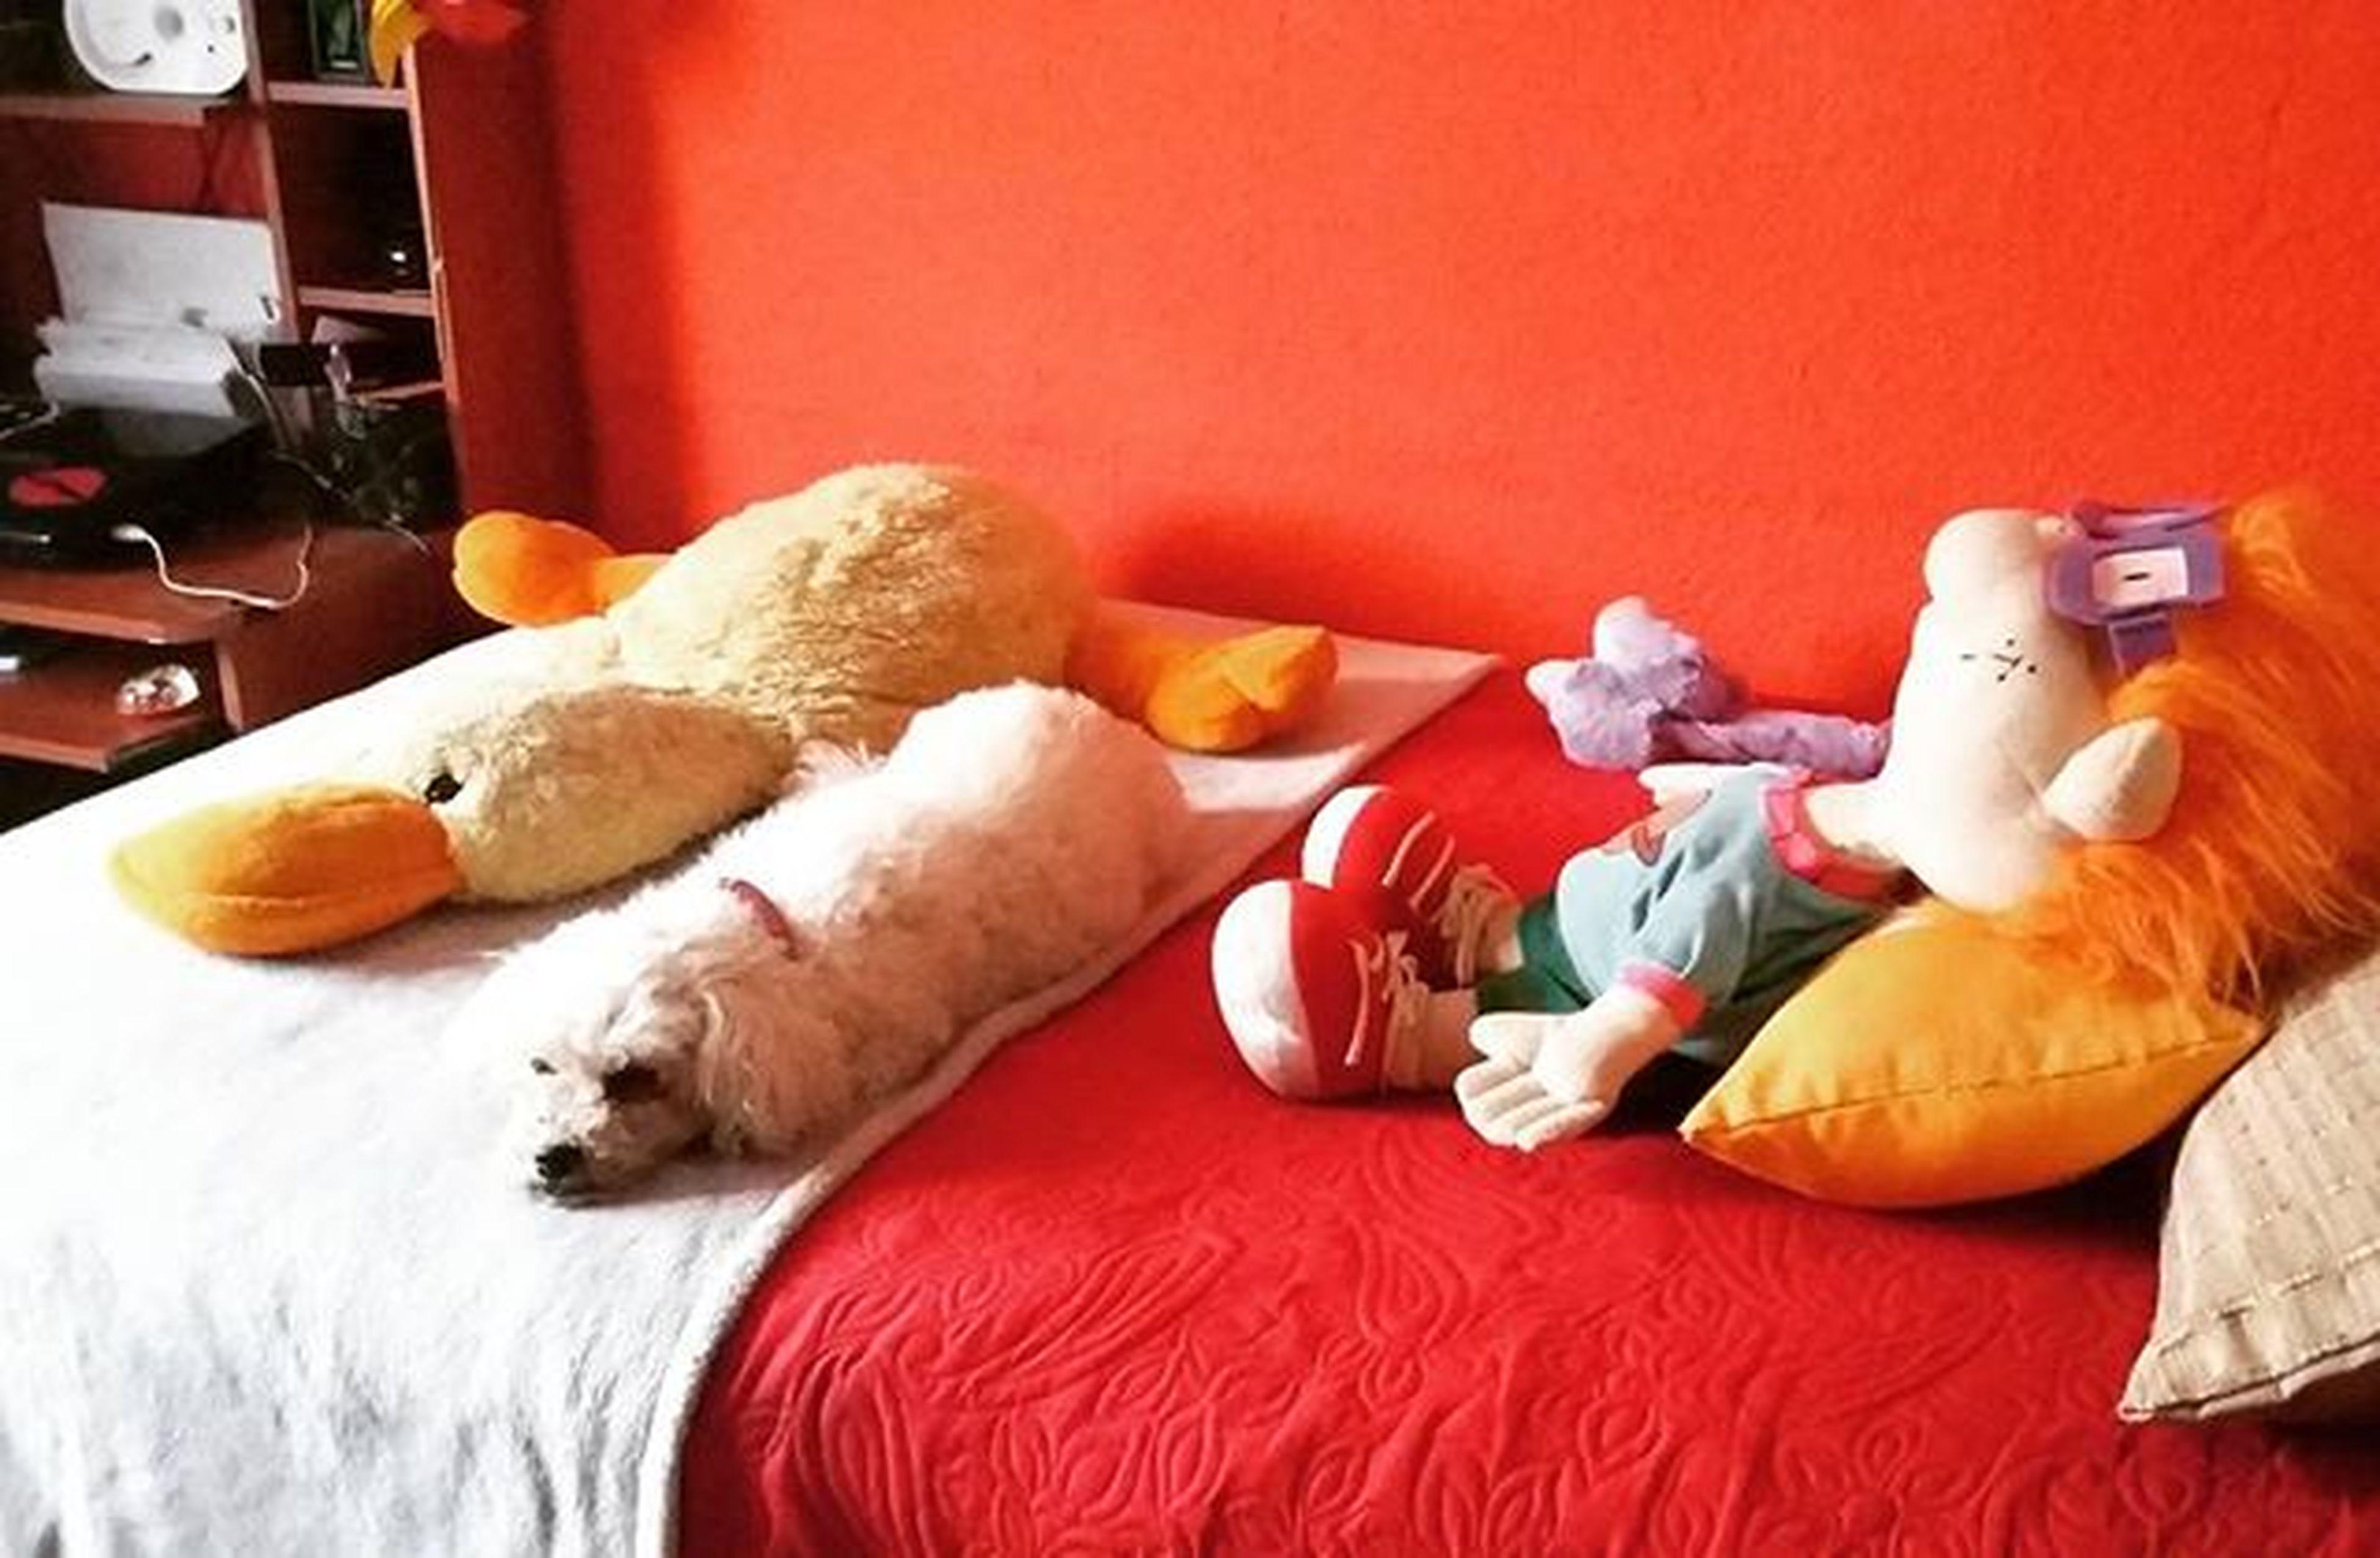 Anda a trabajar nomas 😸 yo te cuido la cama 🐩 Gabiconataquedeamor Tempranito Camuflada Migordabella 14añitos Gabilovers 💜